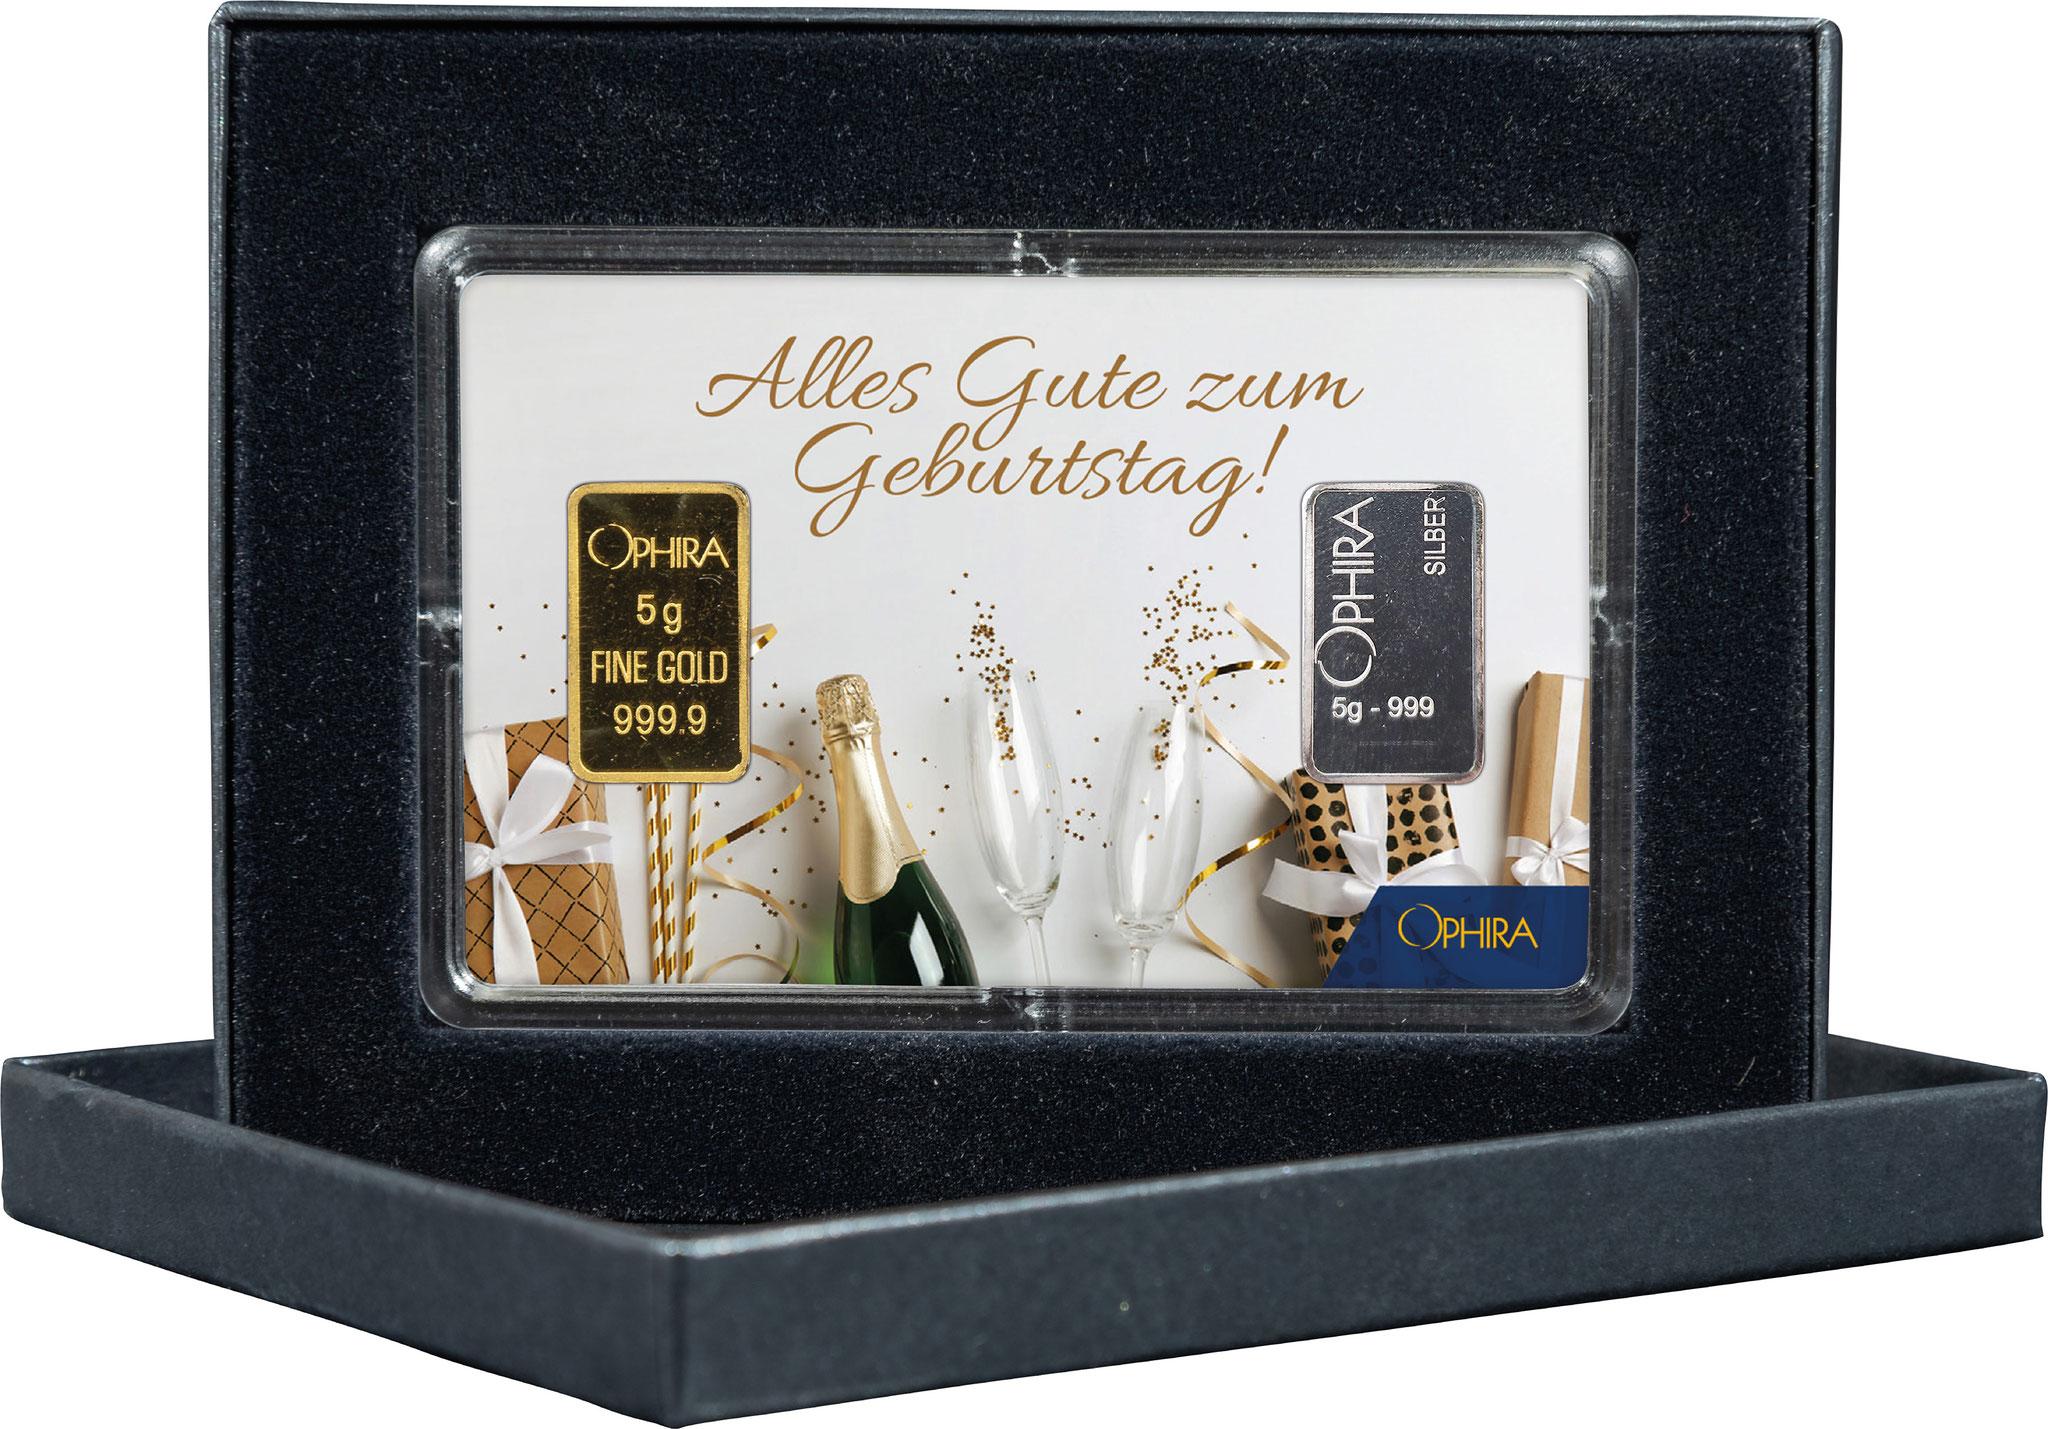 Geschenkbarren Geburtstag mit einem Gold- und Silberbarren in edlem Etui